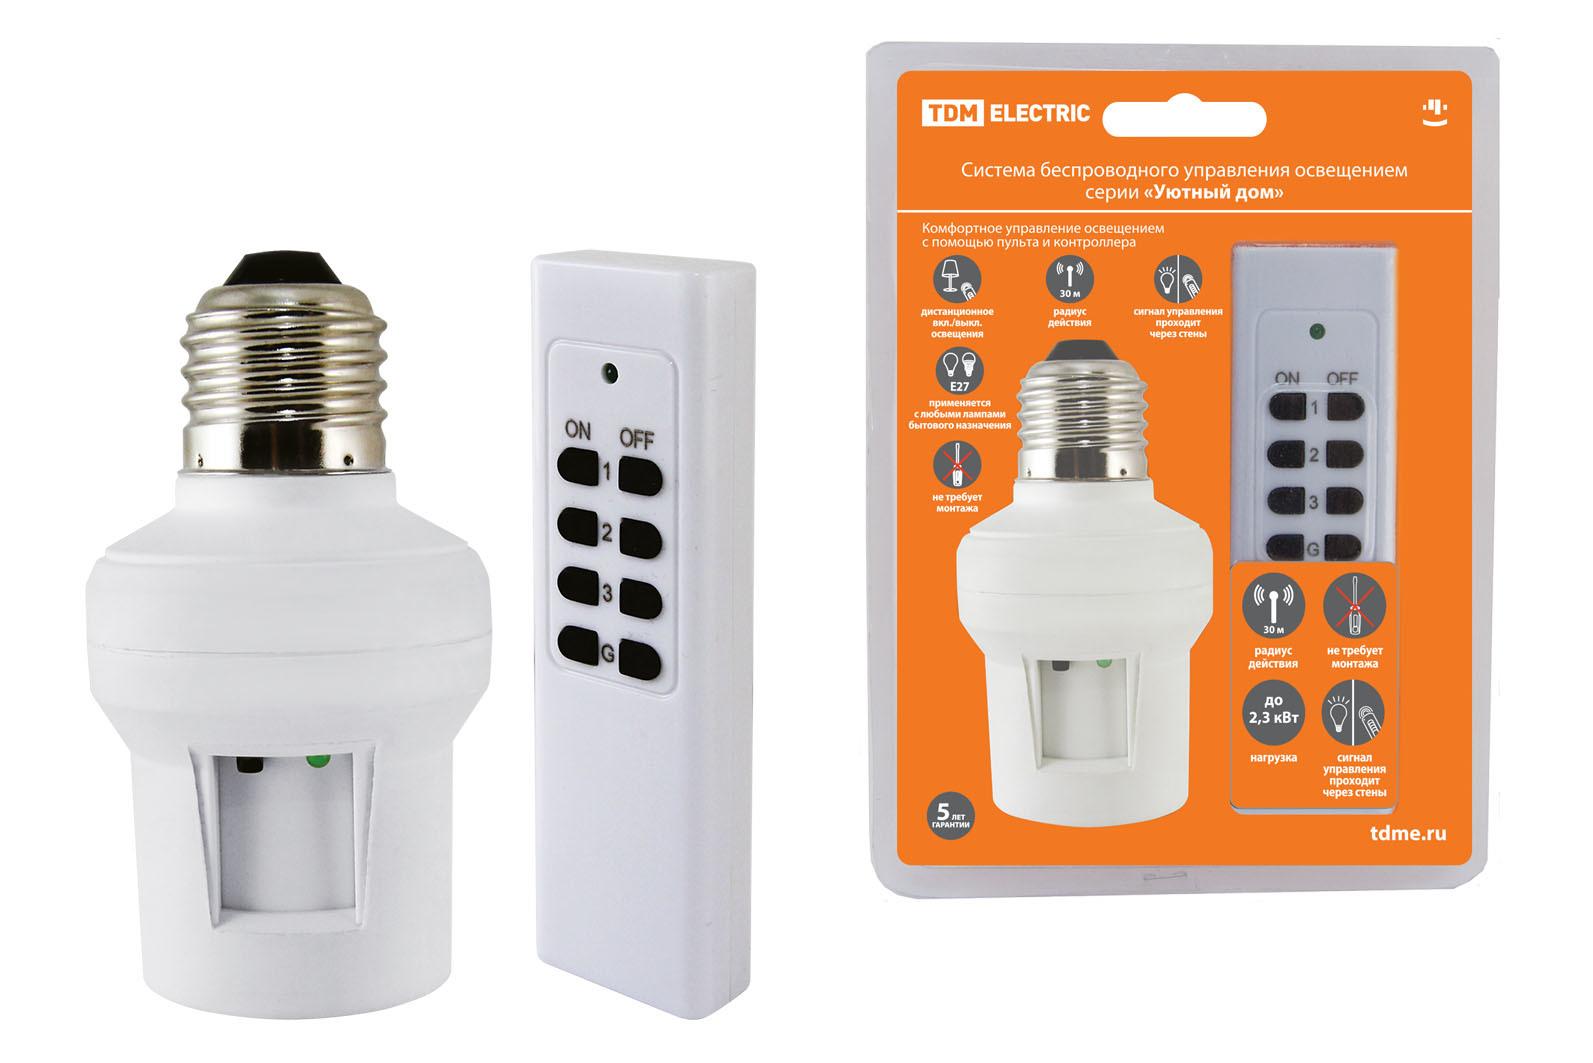 Комплект для беспроводного управления освещением ПУ3-П1.1-Е27 (1 приемник) Уютный дом